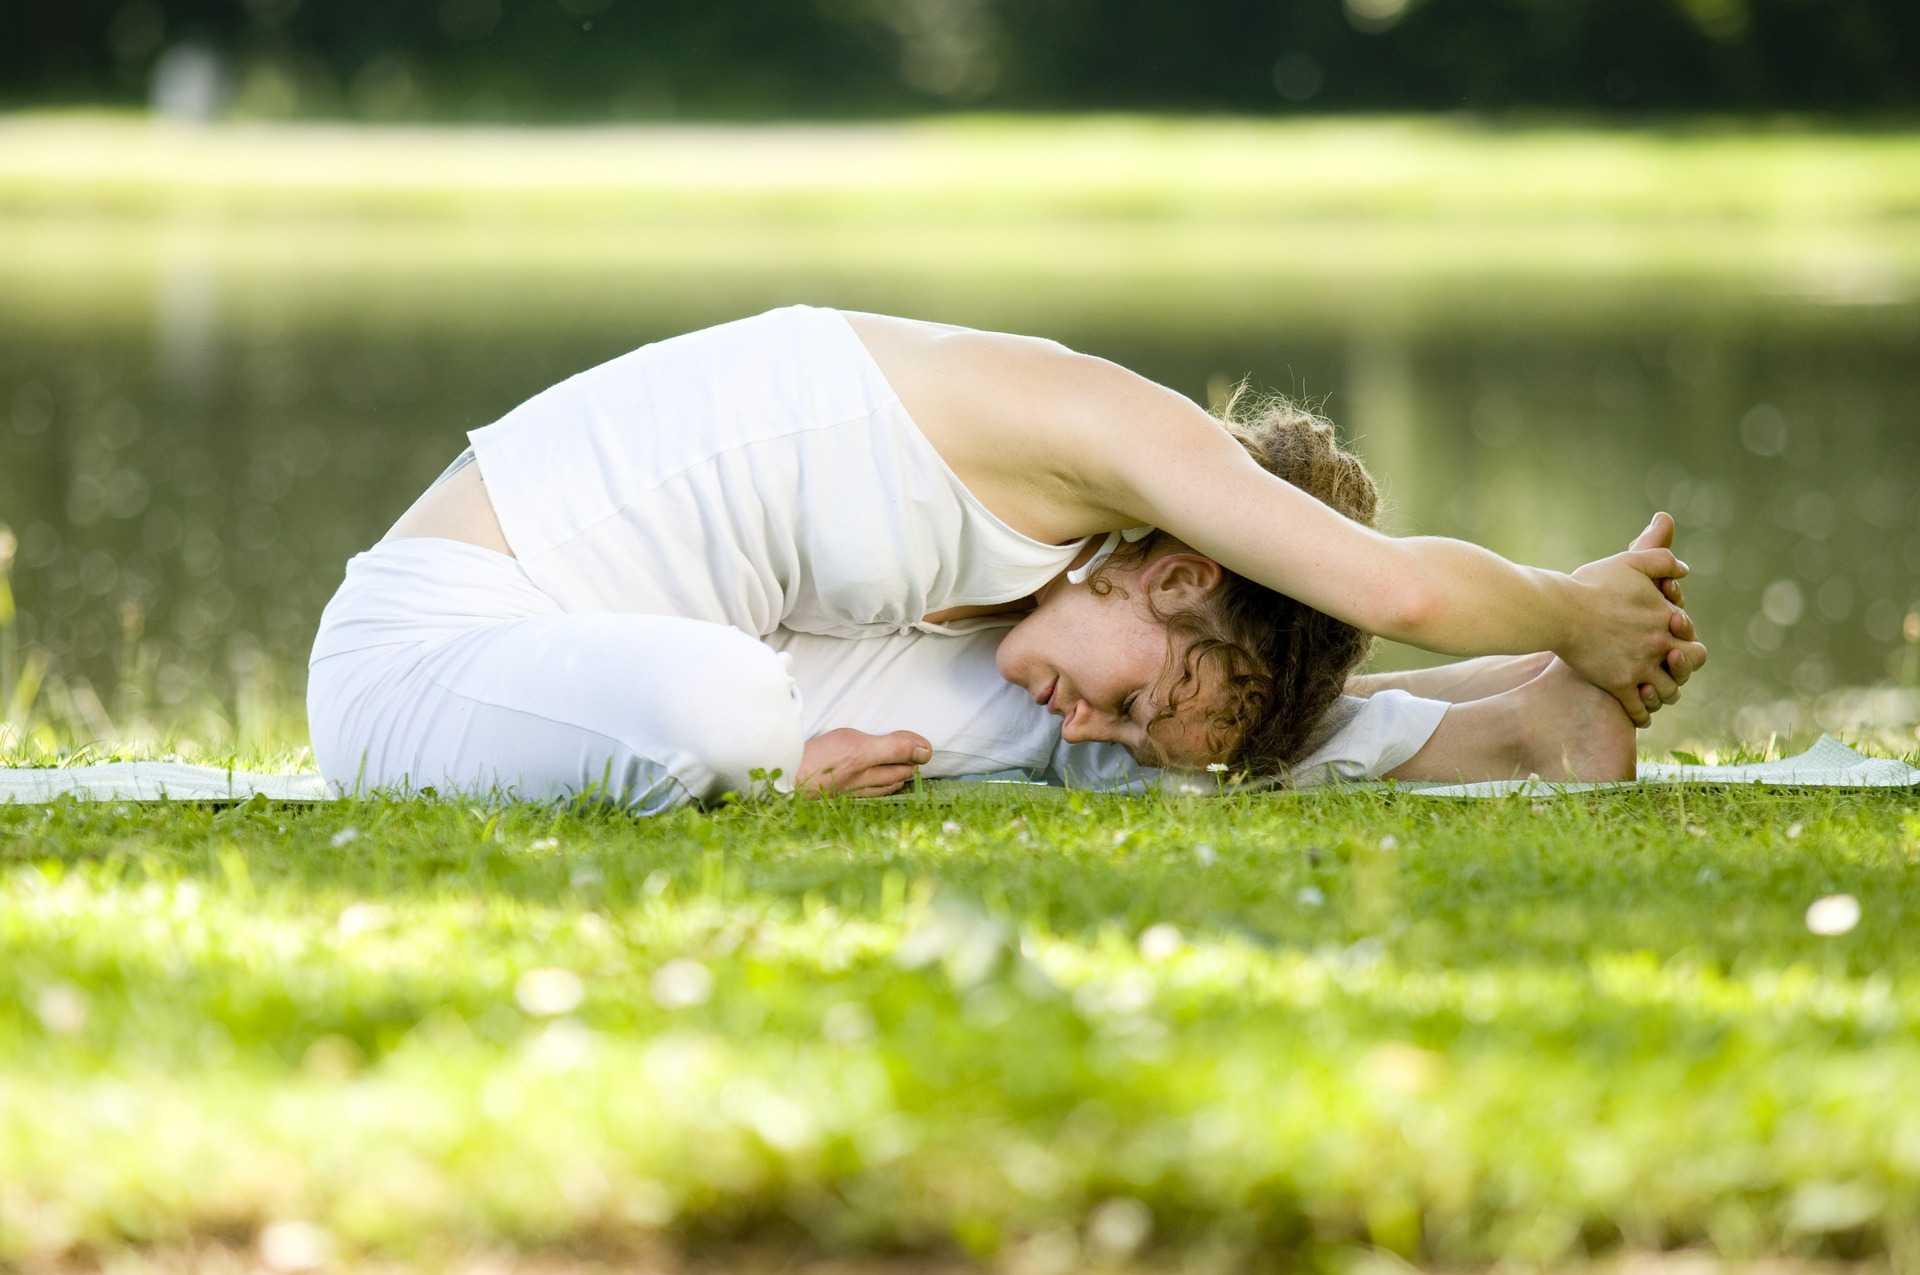 יוגה תרפיה, כלים מעשיים